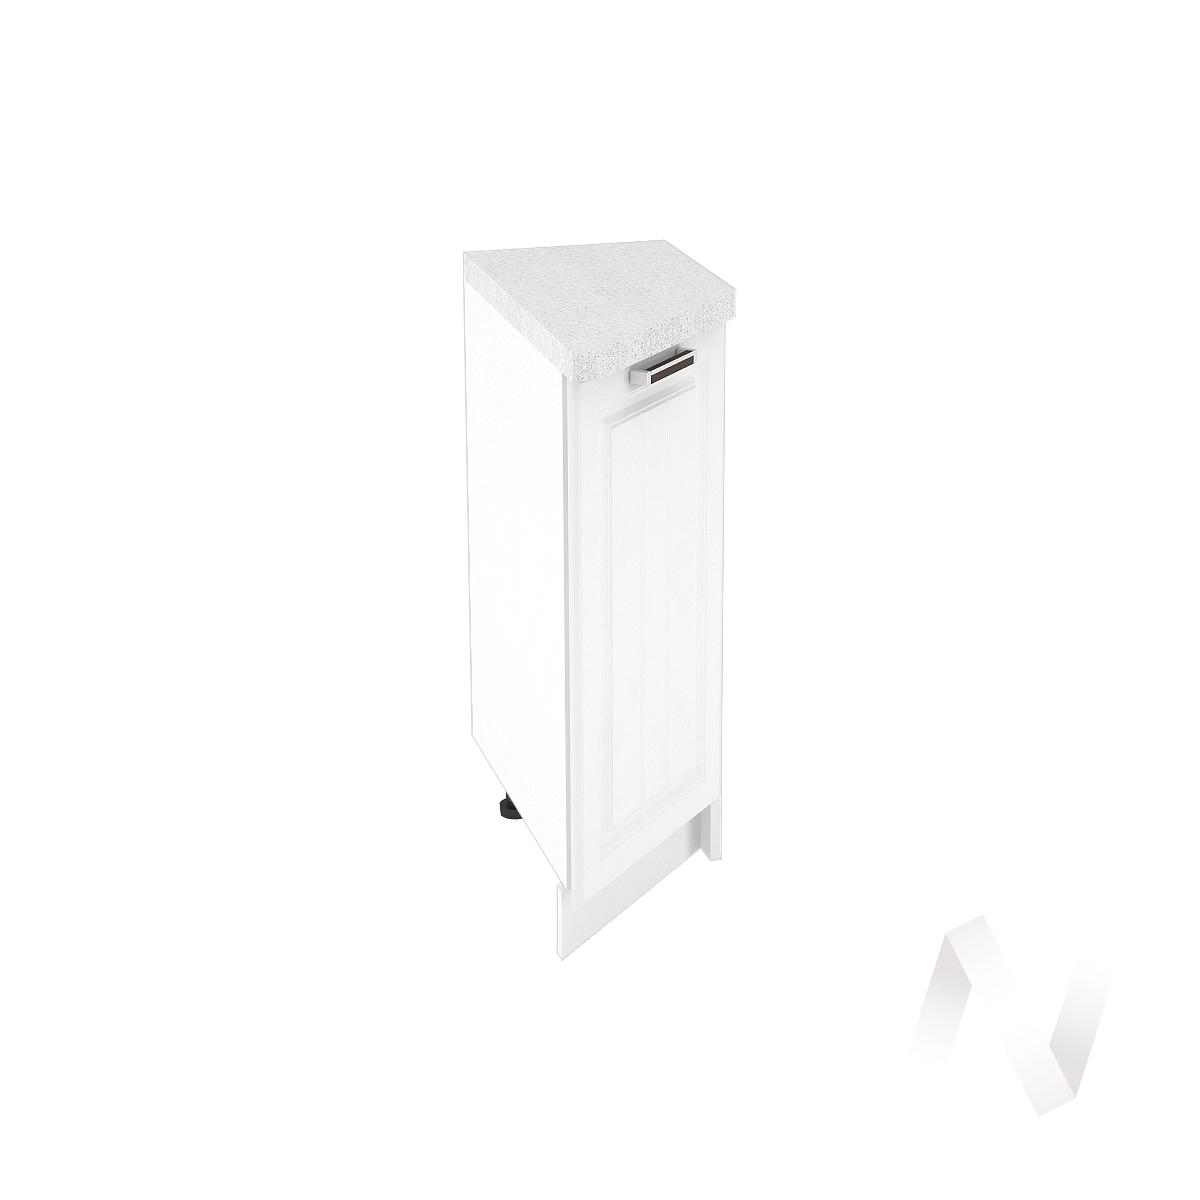 """Кухня """"Прага"""": Шкаф нижний торцевой 300, ШНТ 300 (белое дерево/корпус белый)"""